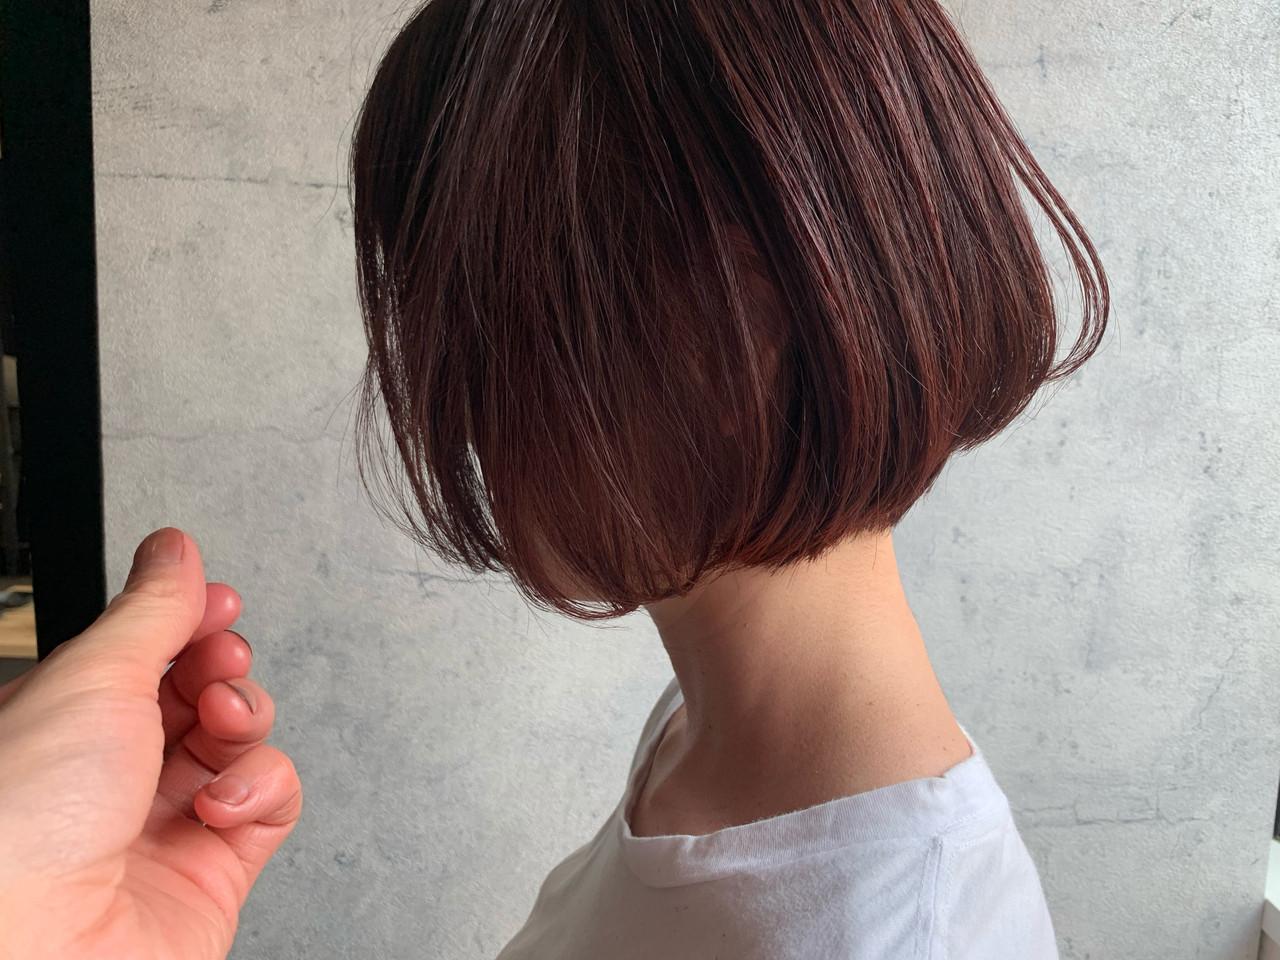 ショートヘア ピンクアッシュ 内巻き ピンク ヘアスタイルや髪型の写真・画像